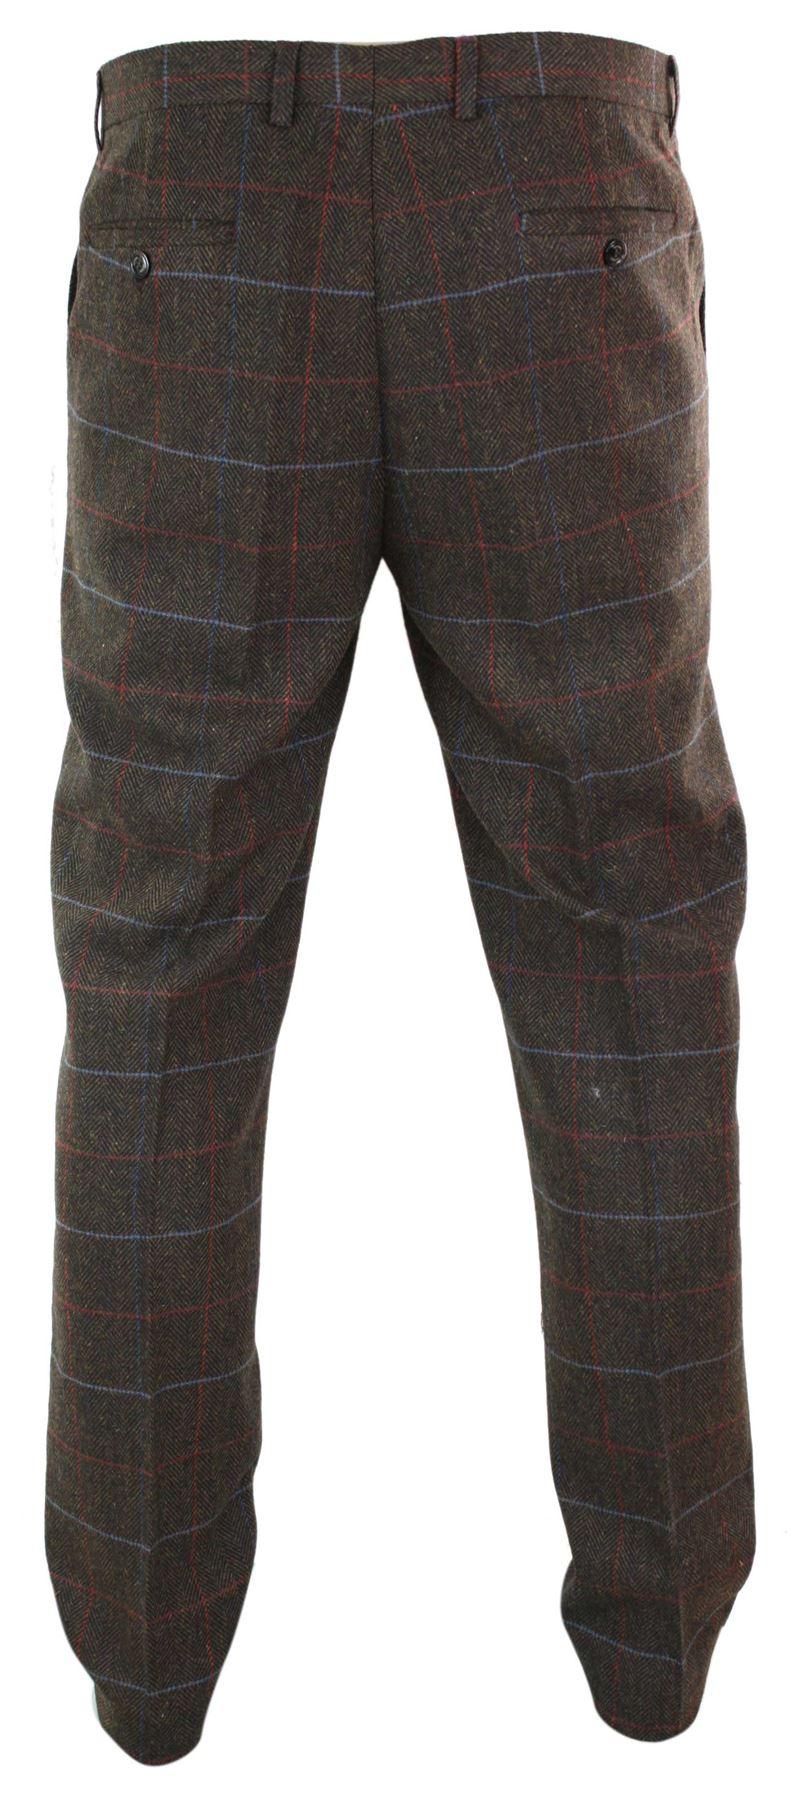 Mens-Herringbone-Tweed-Check-Peaky-Blinders-Trousers-Wool-Vintage-Classic-Retro thumbnail 21